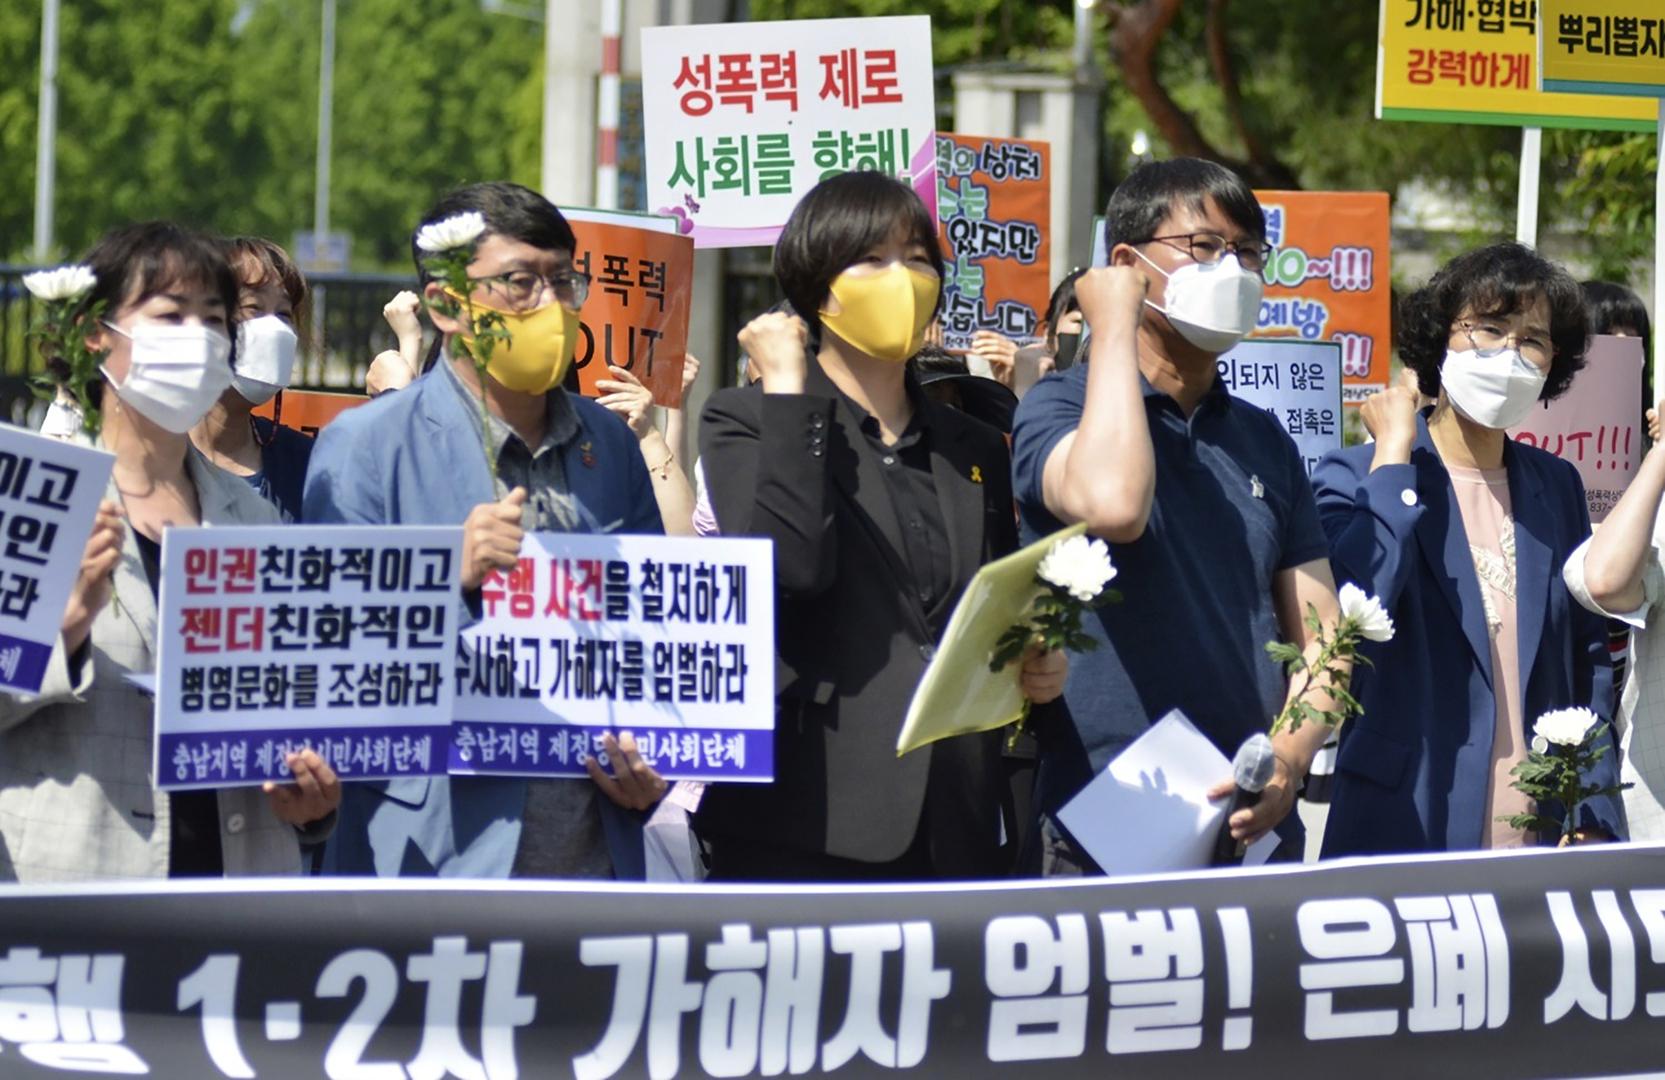 استقالة قائد القوات الجوية في كوريا الجنوبية بسبب وفاة امرأة